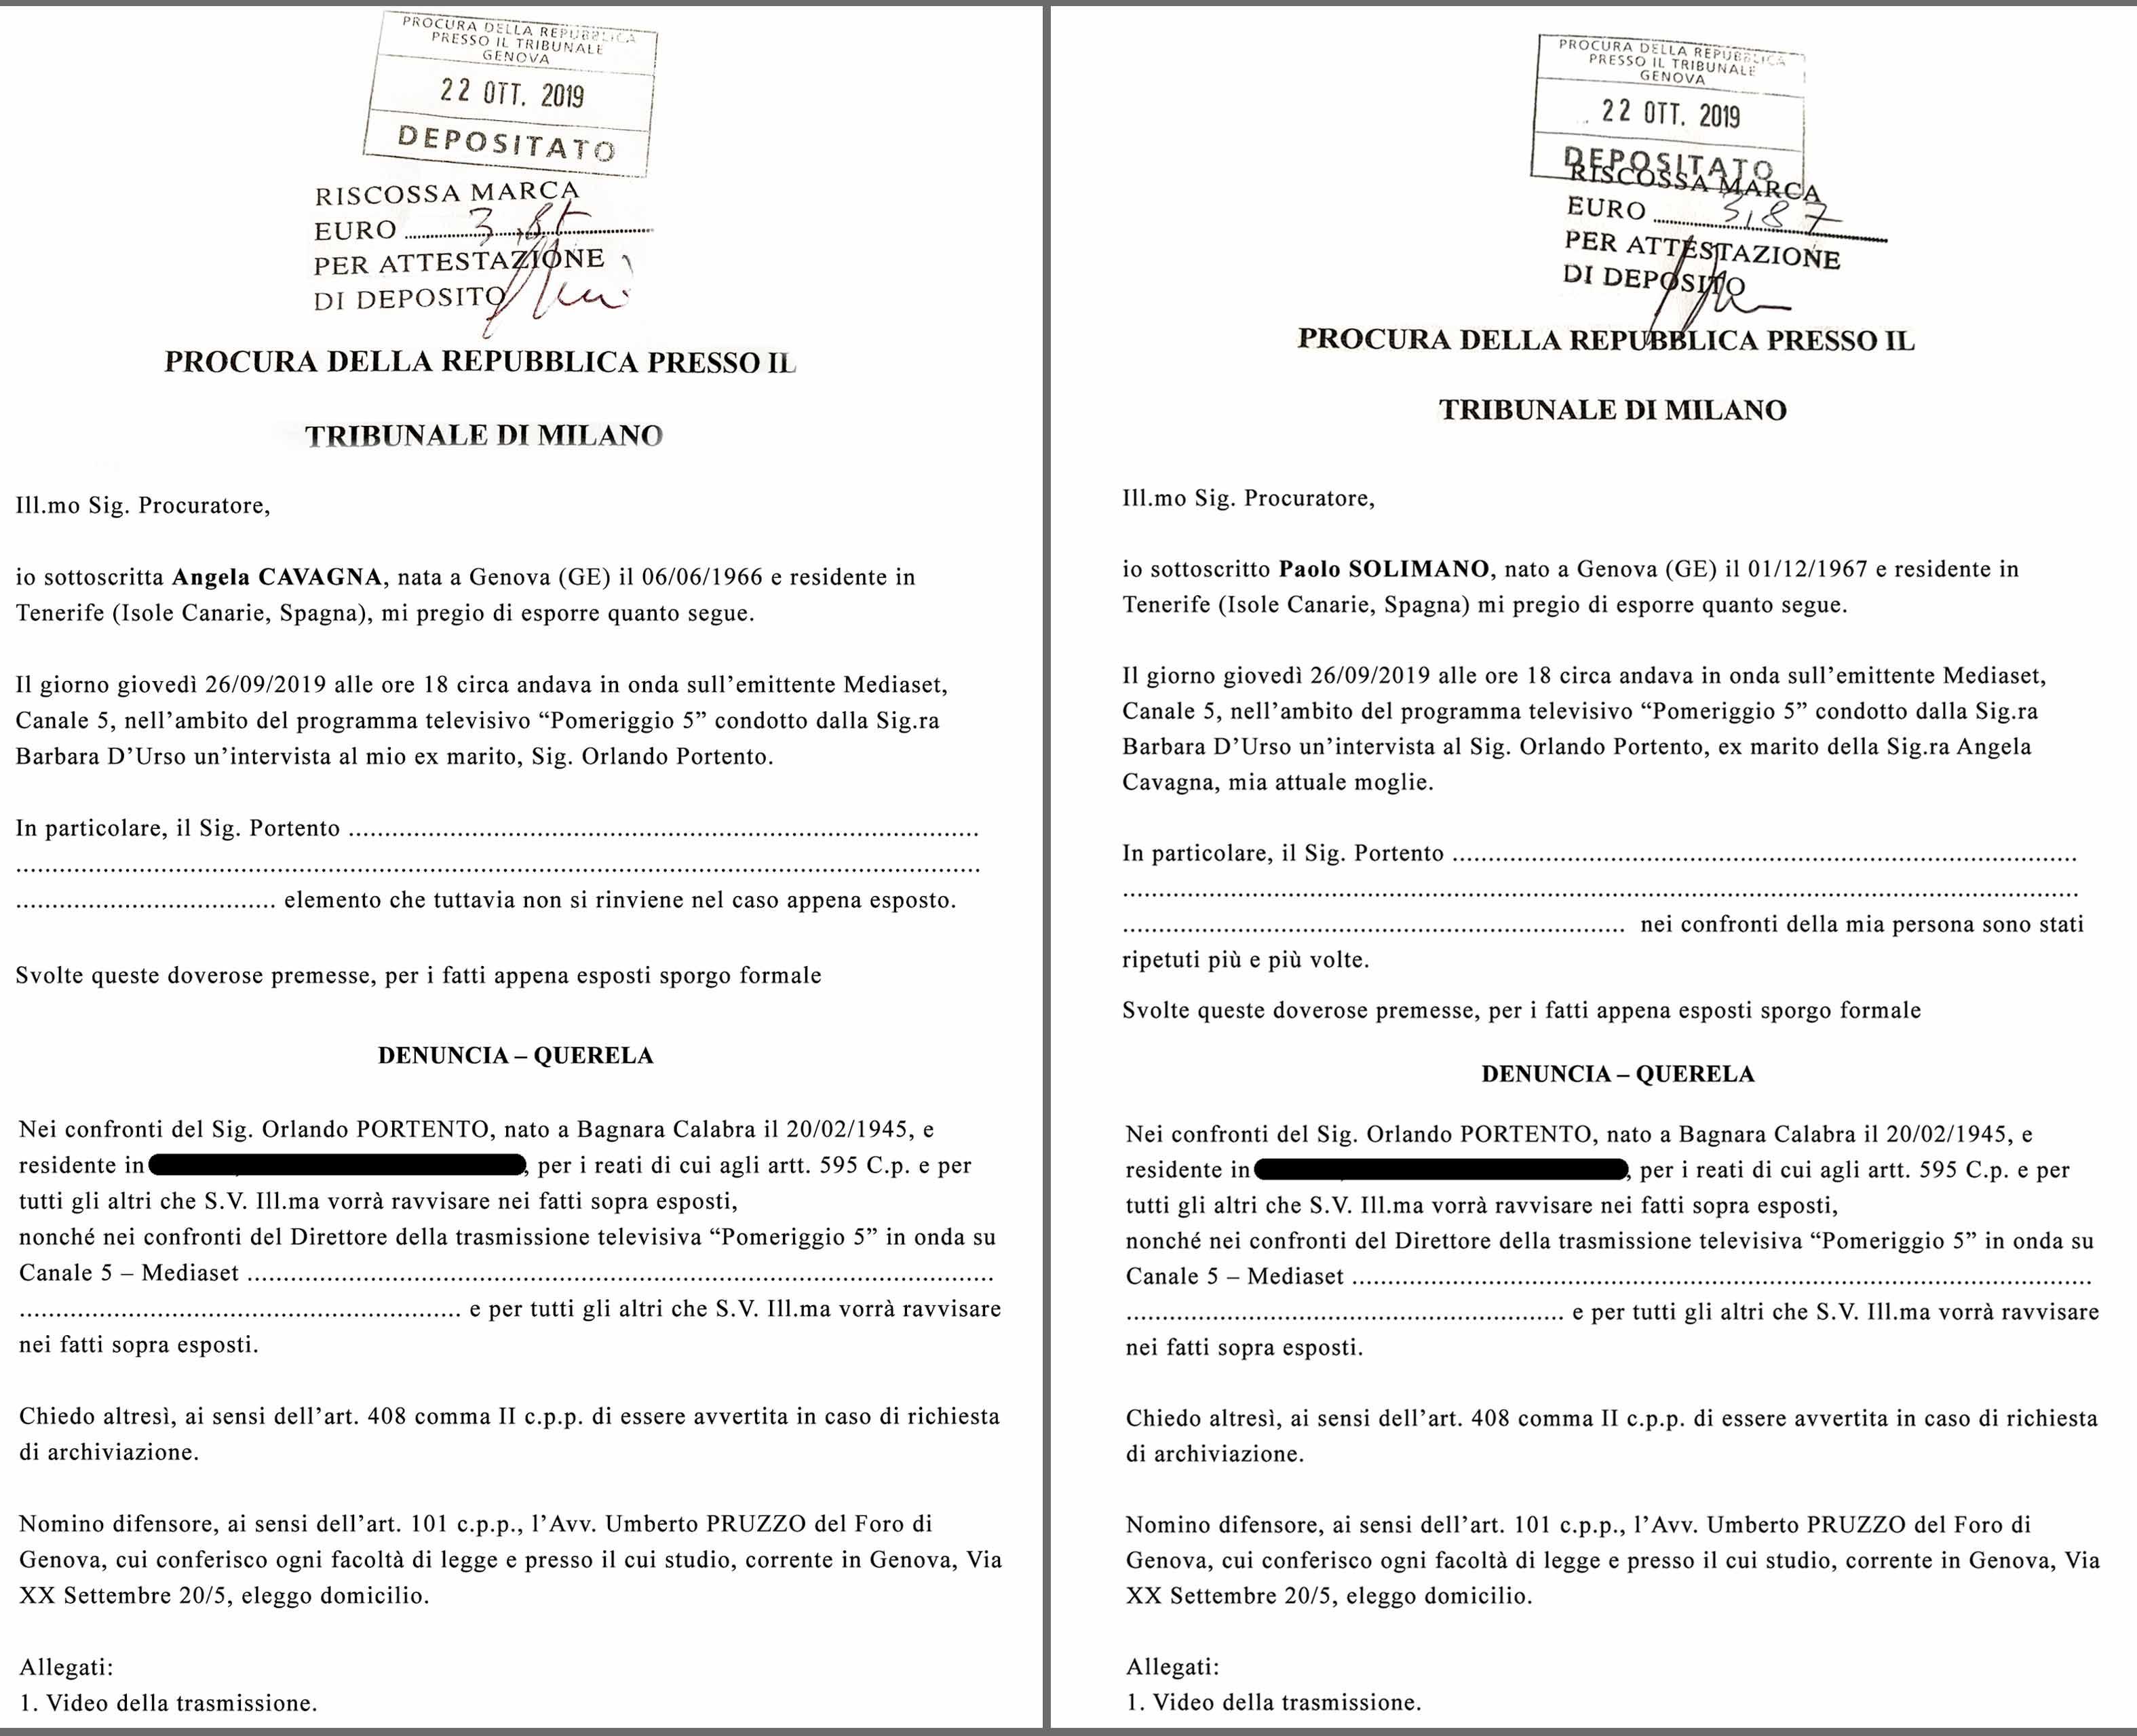 Angela Cavagna: dalle parole ai fatti! La ex showgirl pubblica le denunce depositate al Tribunale di Milano